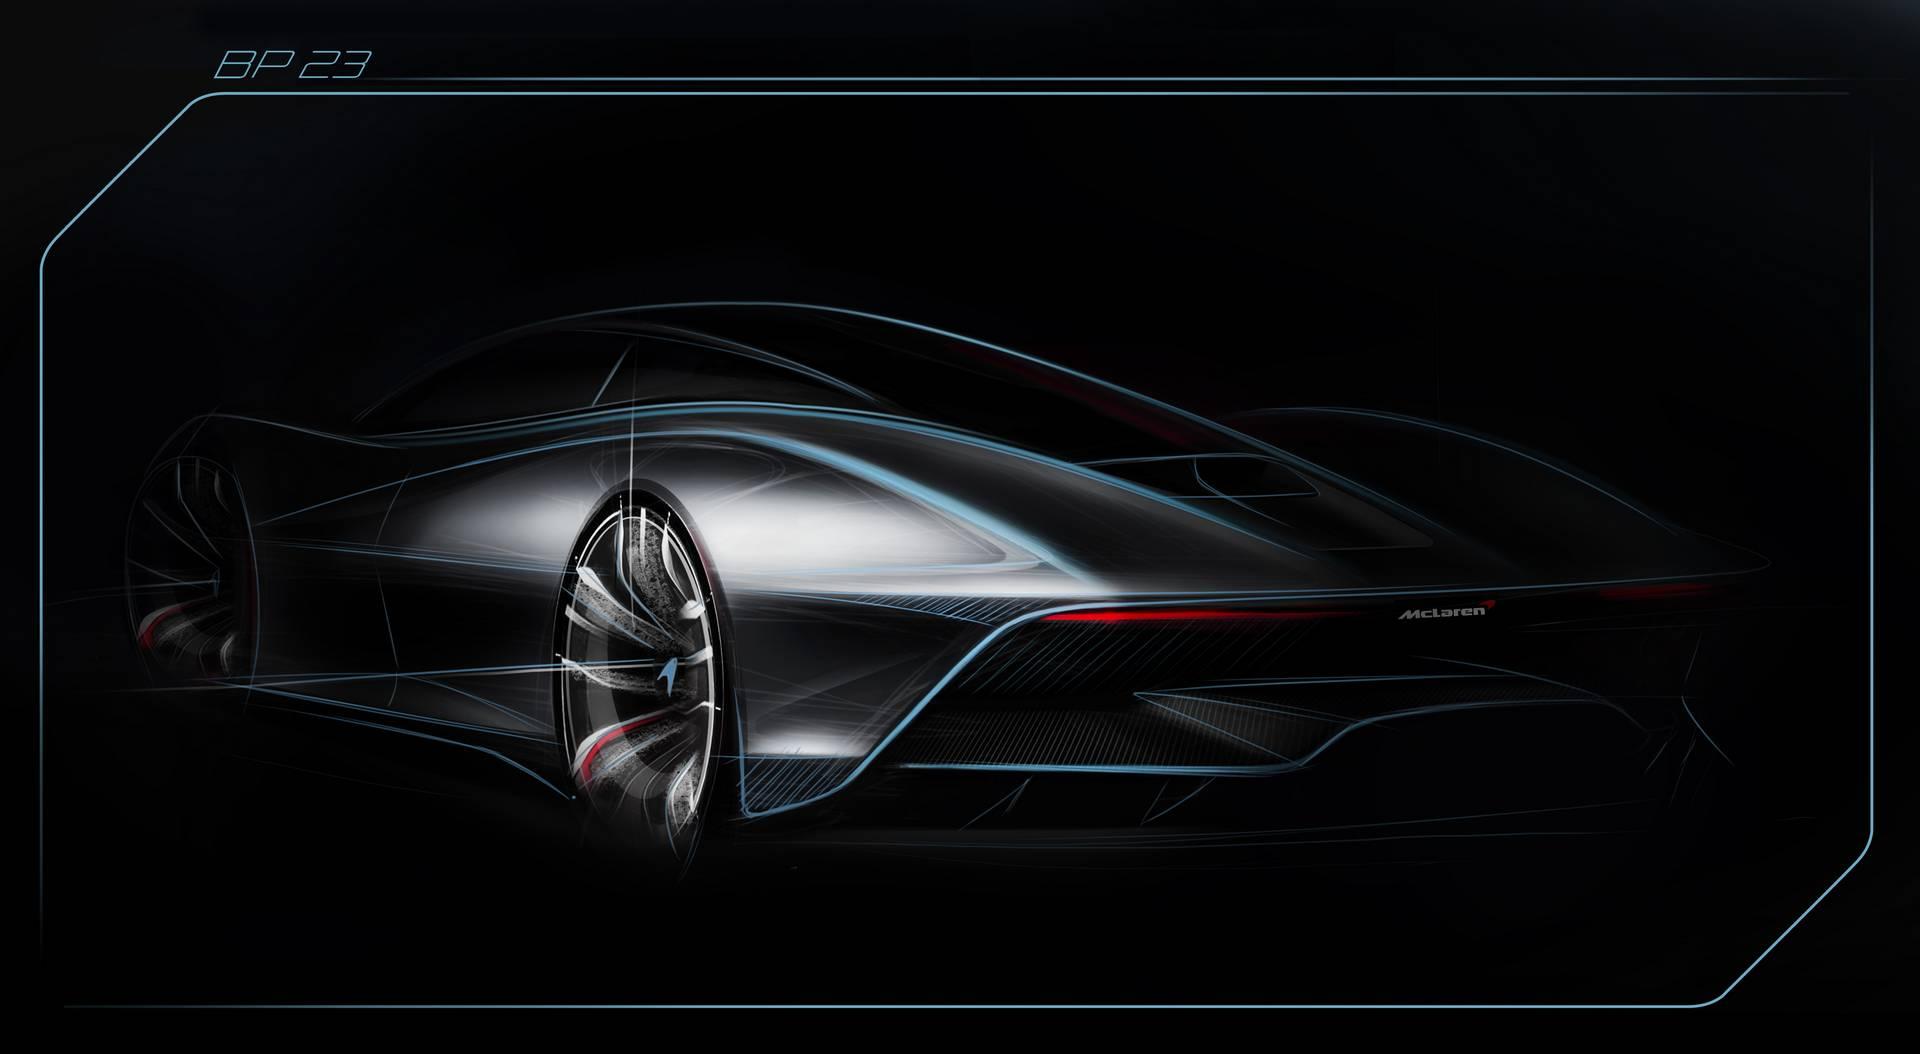 £1.6 Million McLaren 'Hyper-GT' to Exceed McLaren F1 243mph Top Speed